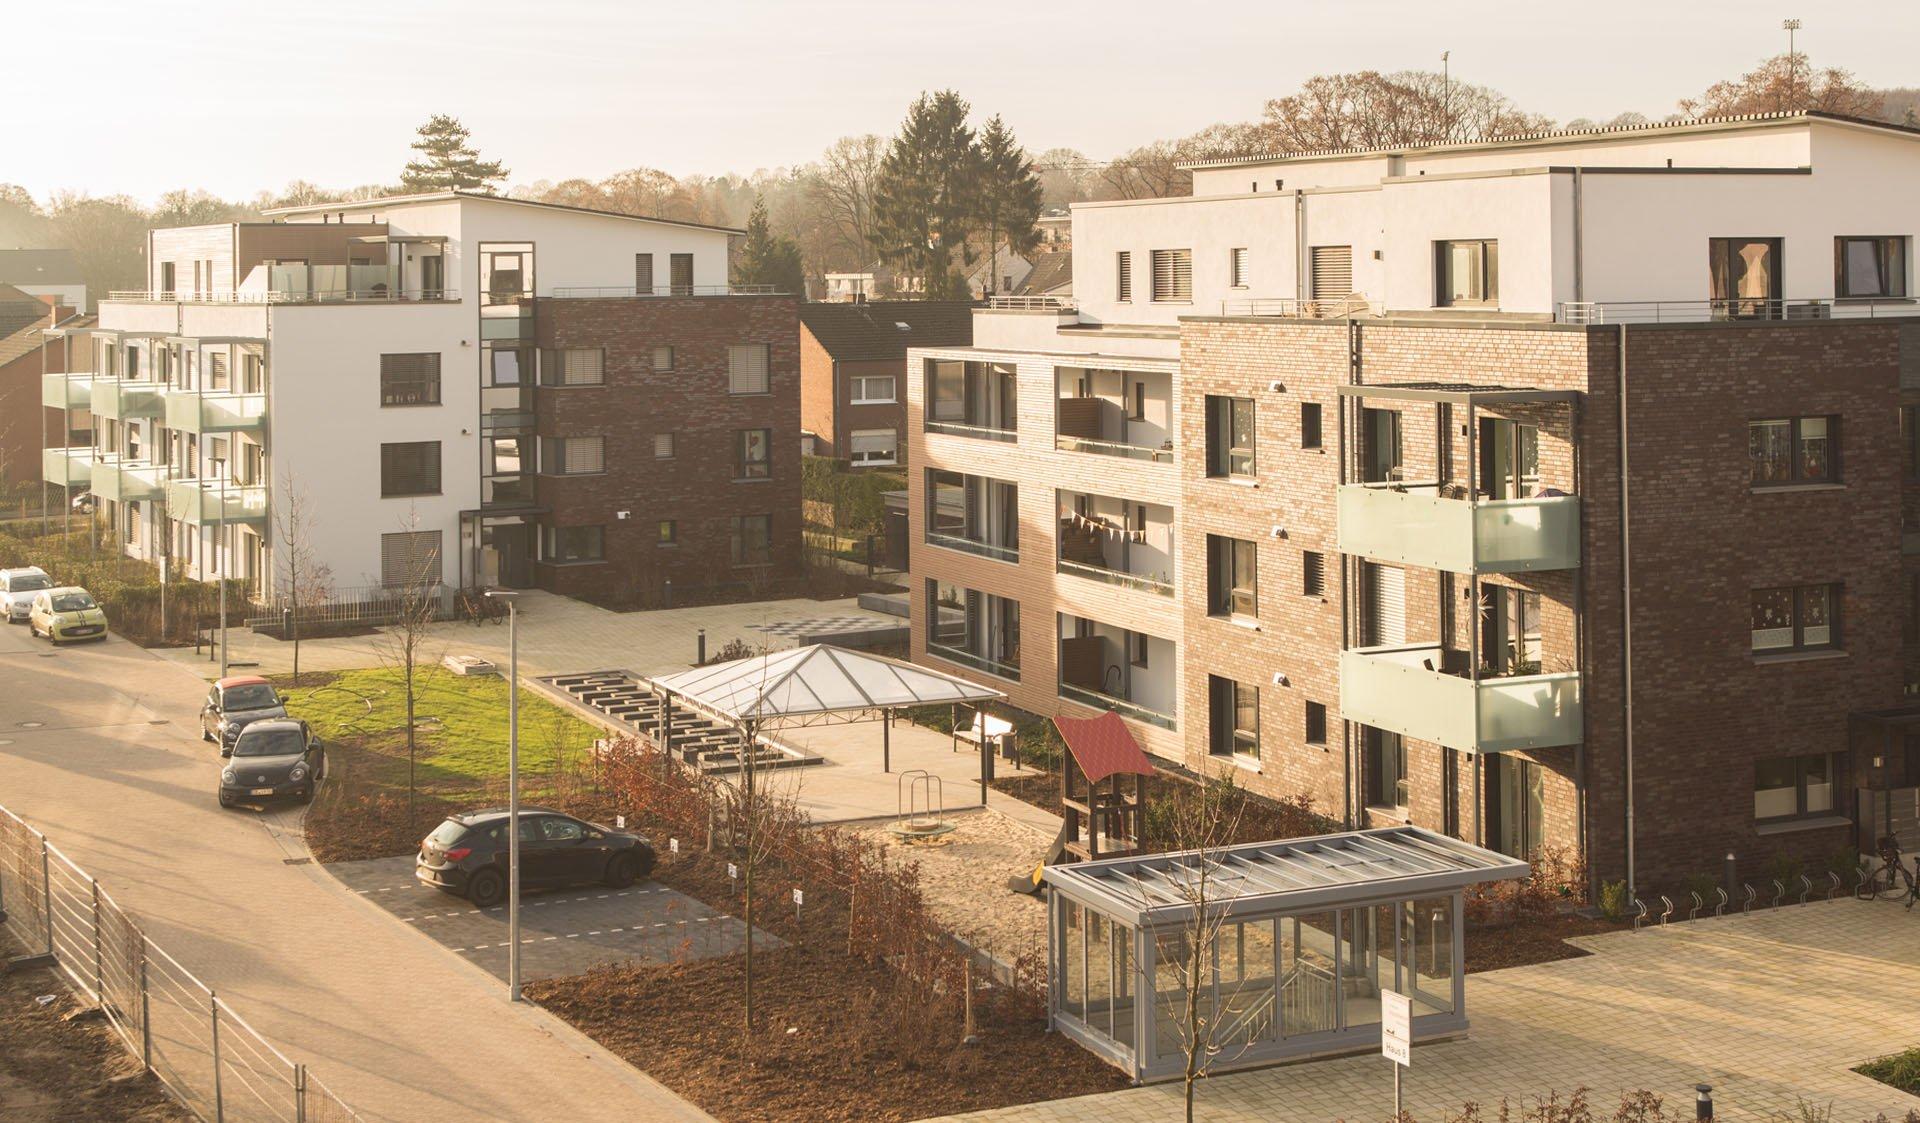 Häuser in Klimaschutzsiedlung